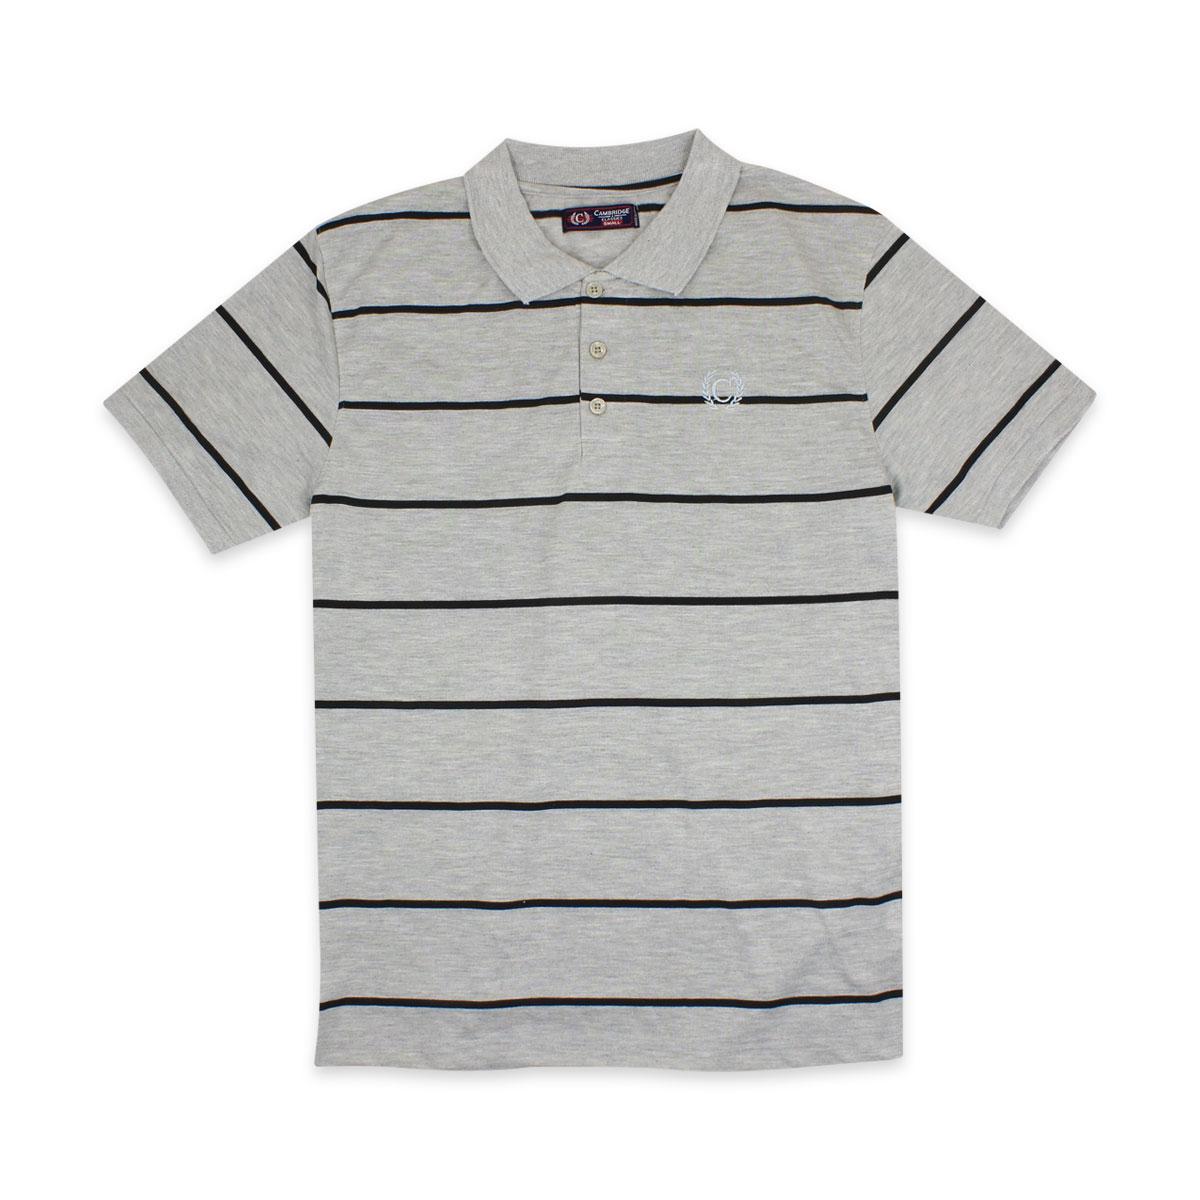 Camisas-Polo-Para-Hombre-A-Rayas-Pique-Con-Cuello-camiseta-Camiseta-Manga-Corta-De-Verano-S-M-L-XL miniatura 56